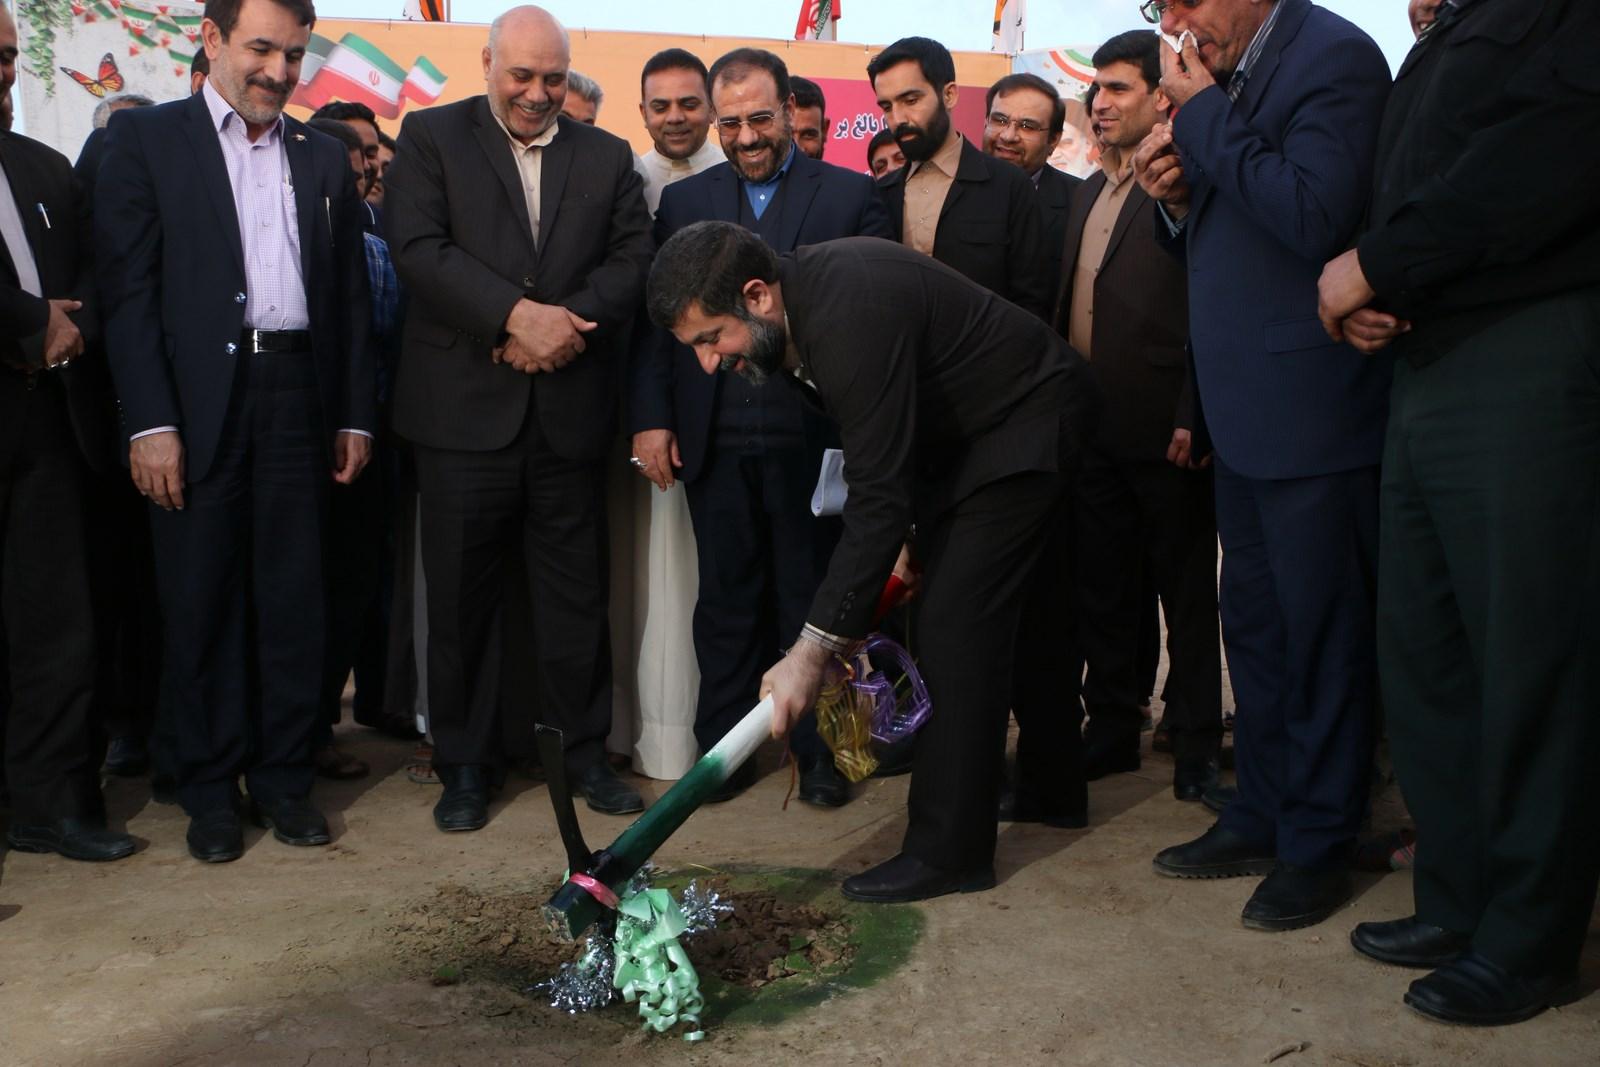 آغاز عملیات اجرایی پست برق ۴۰۰ کیلو ولت دشت آزادگان باحضور معاون پارلمانی رئیس جمهوری و استاندار خوزستان